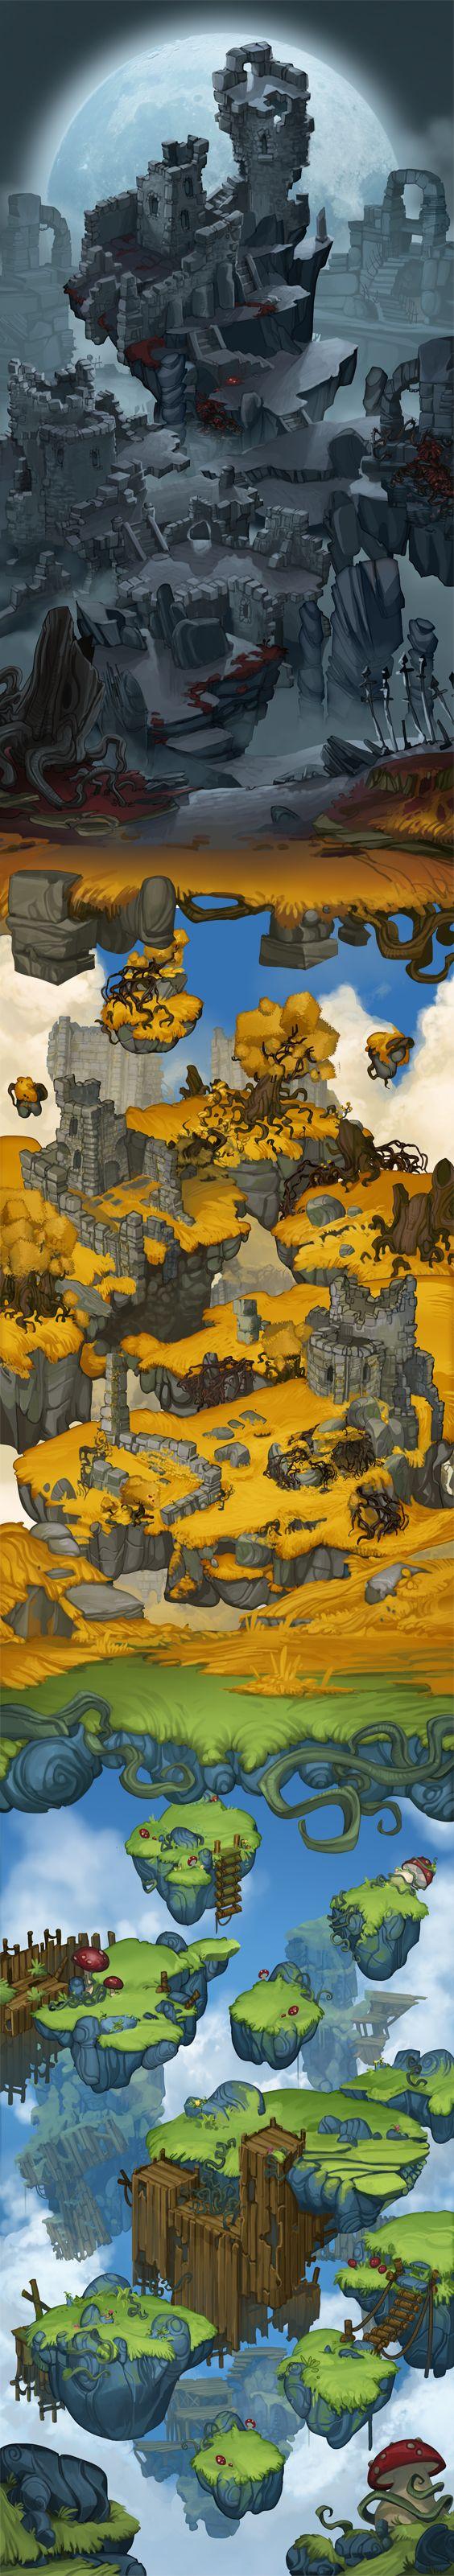 Worldmap - Team Indie by Nadia Enis, via Behance